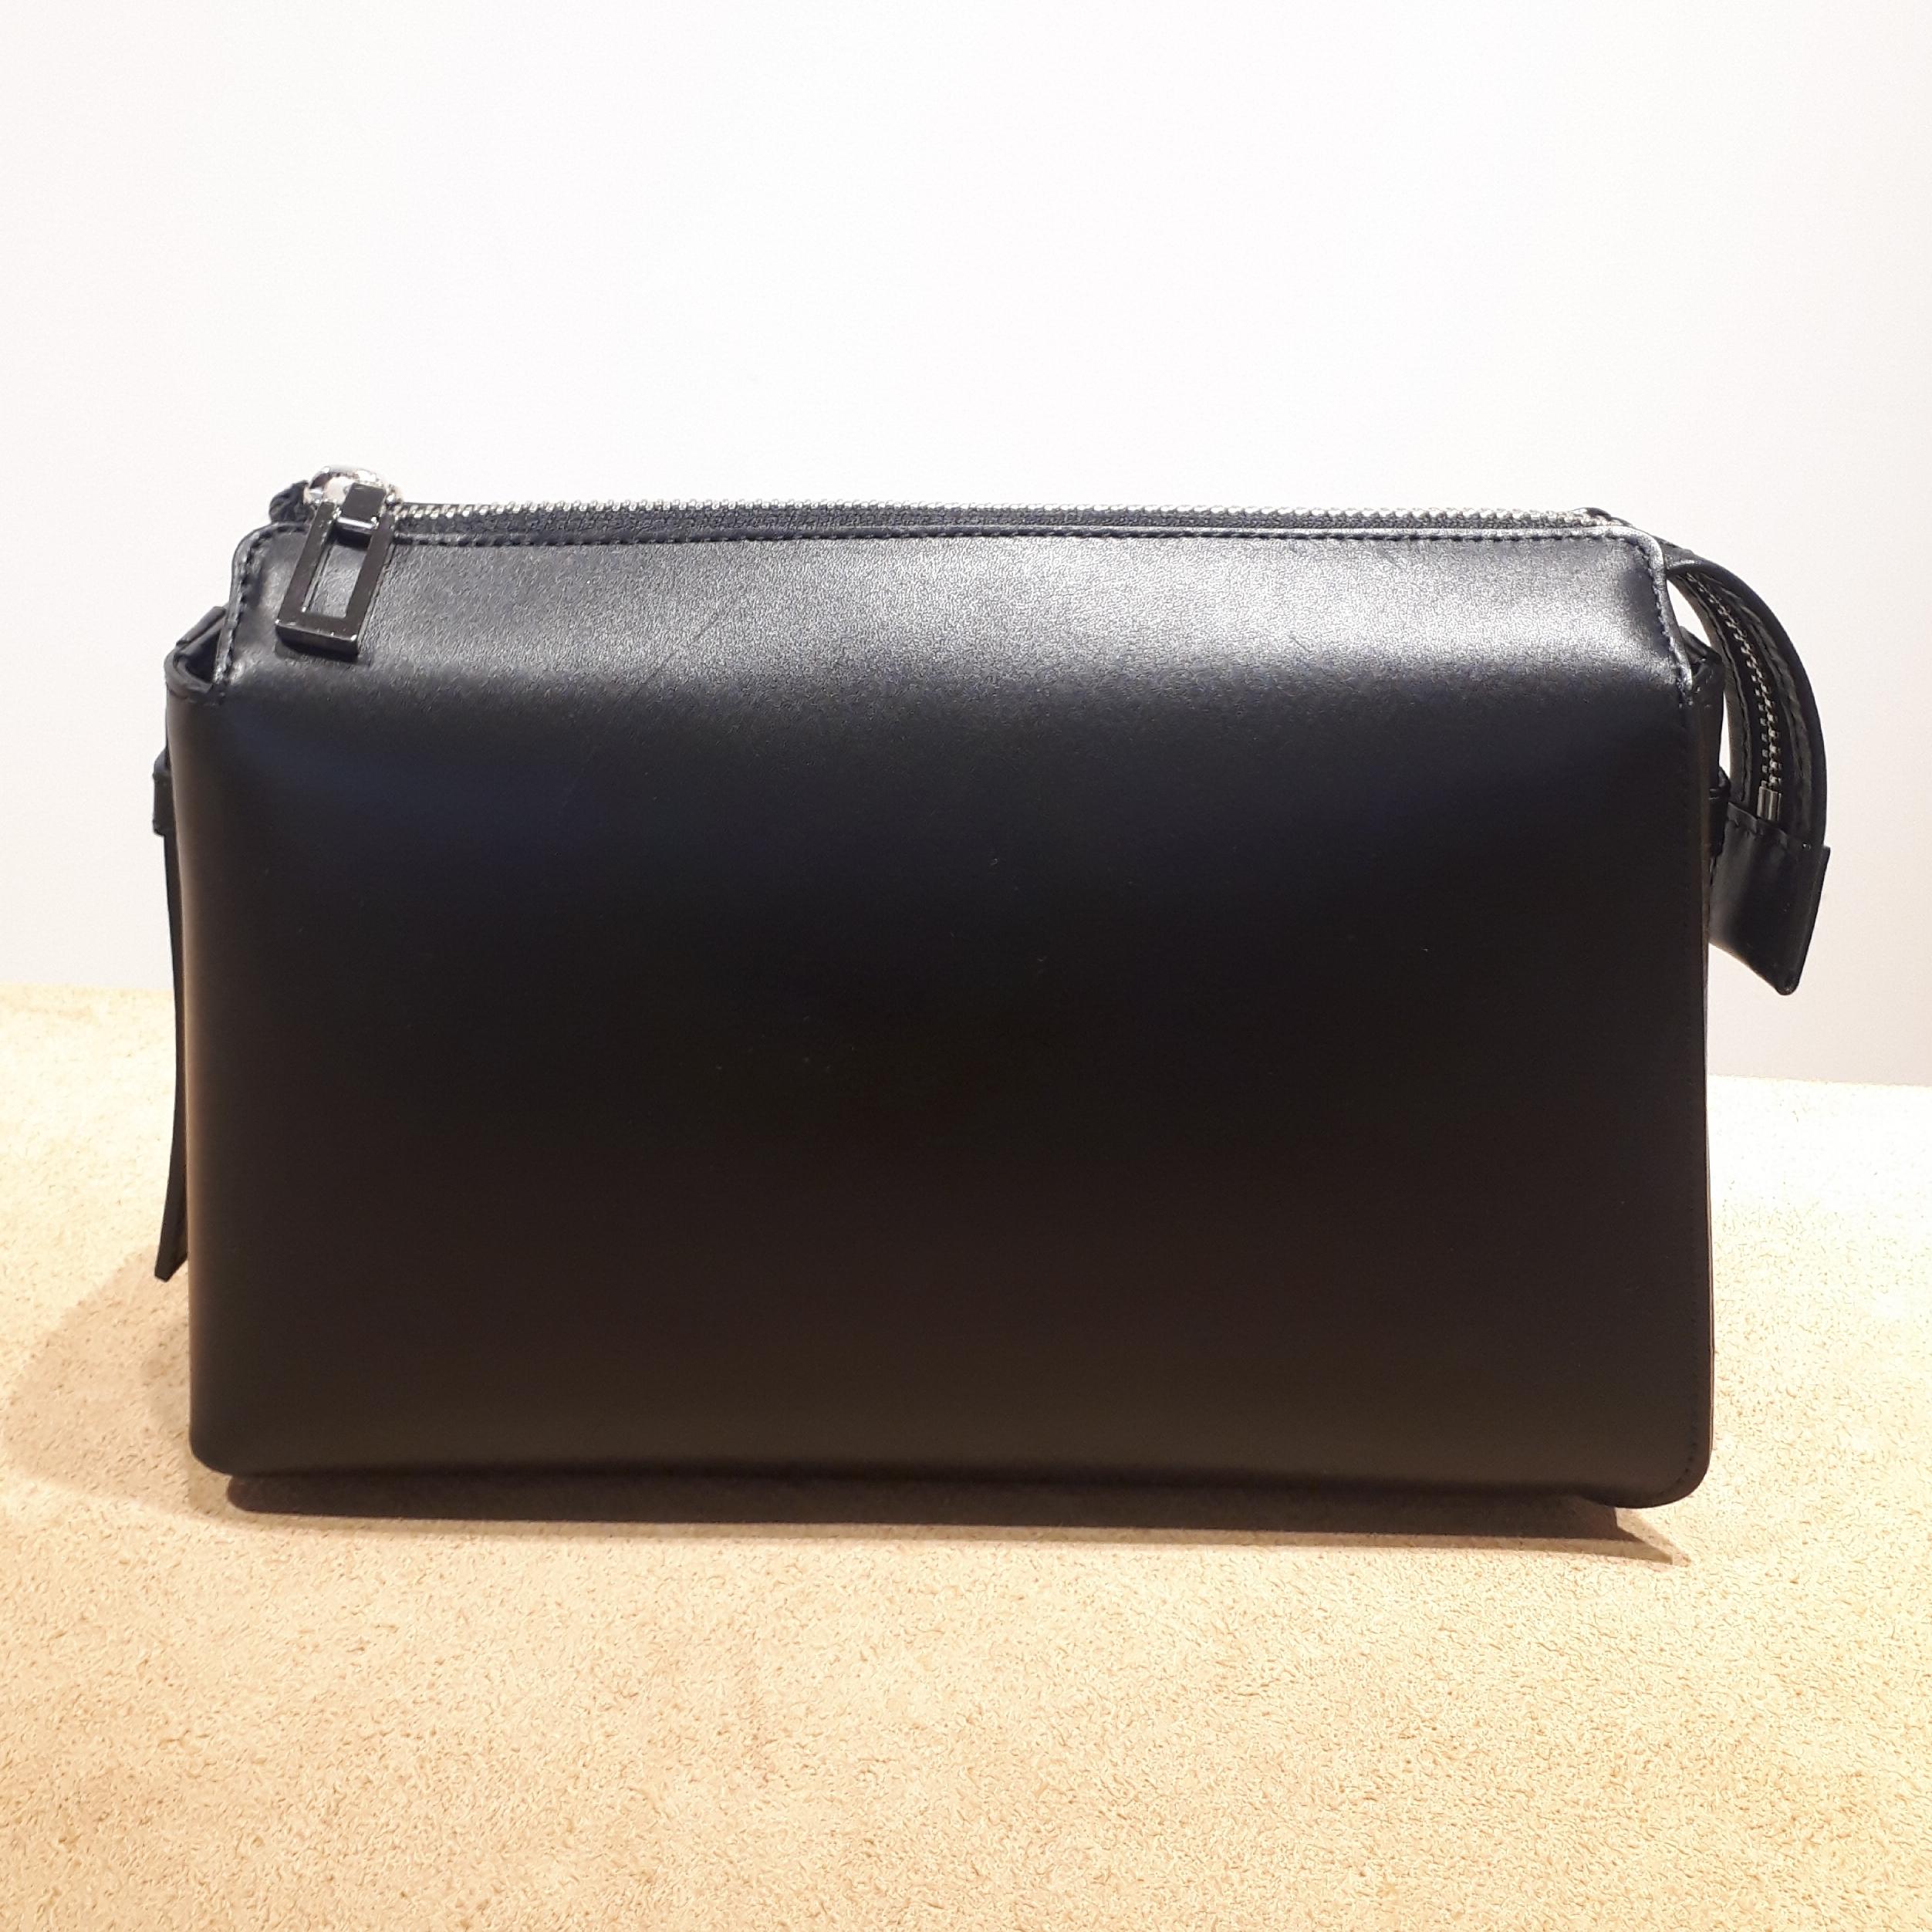 スムースレザーのミニショルダーバッグ